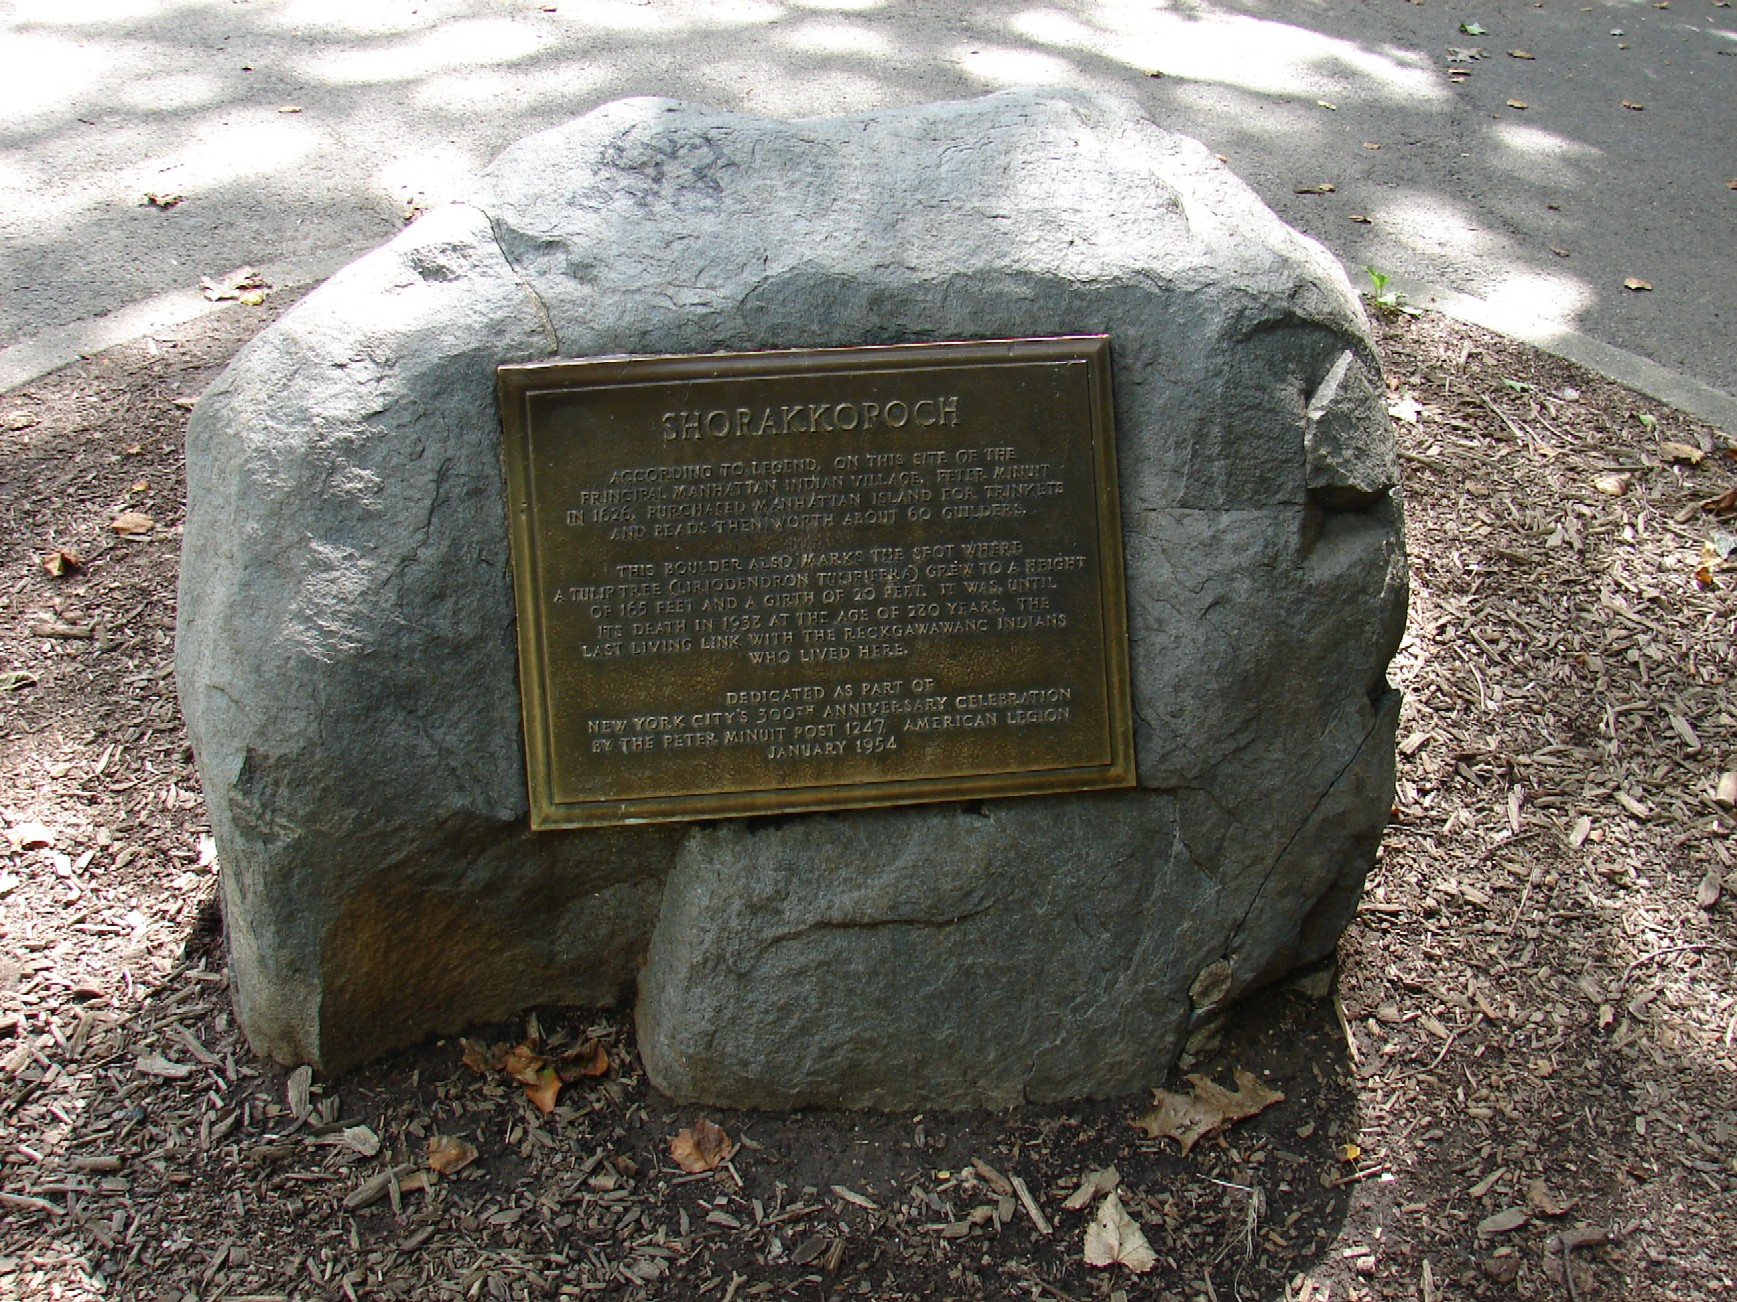 Inwood - Shorakkopoch Rock